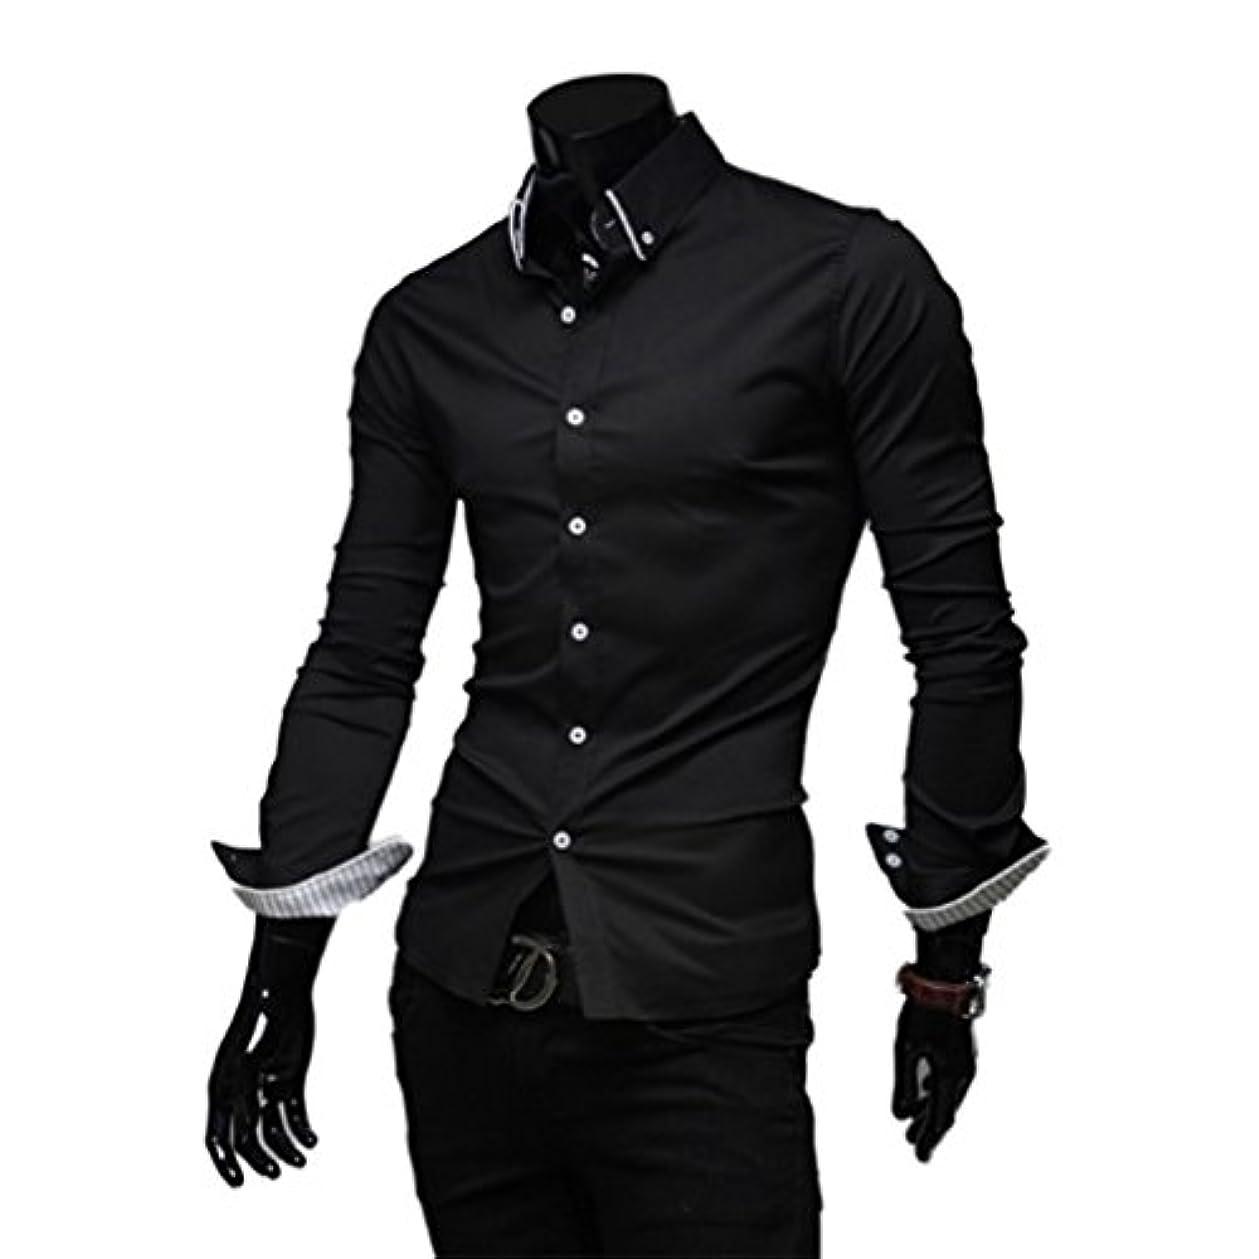 意識的友だち案件Honghu メンズ シャツ 長袖 ストライプ裏地付き スリム カジュアル ブラック L 1PC